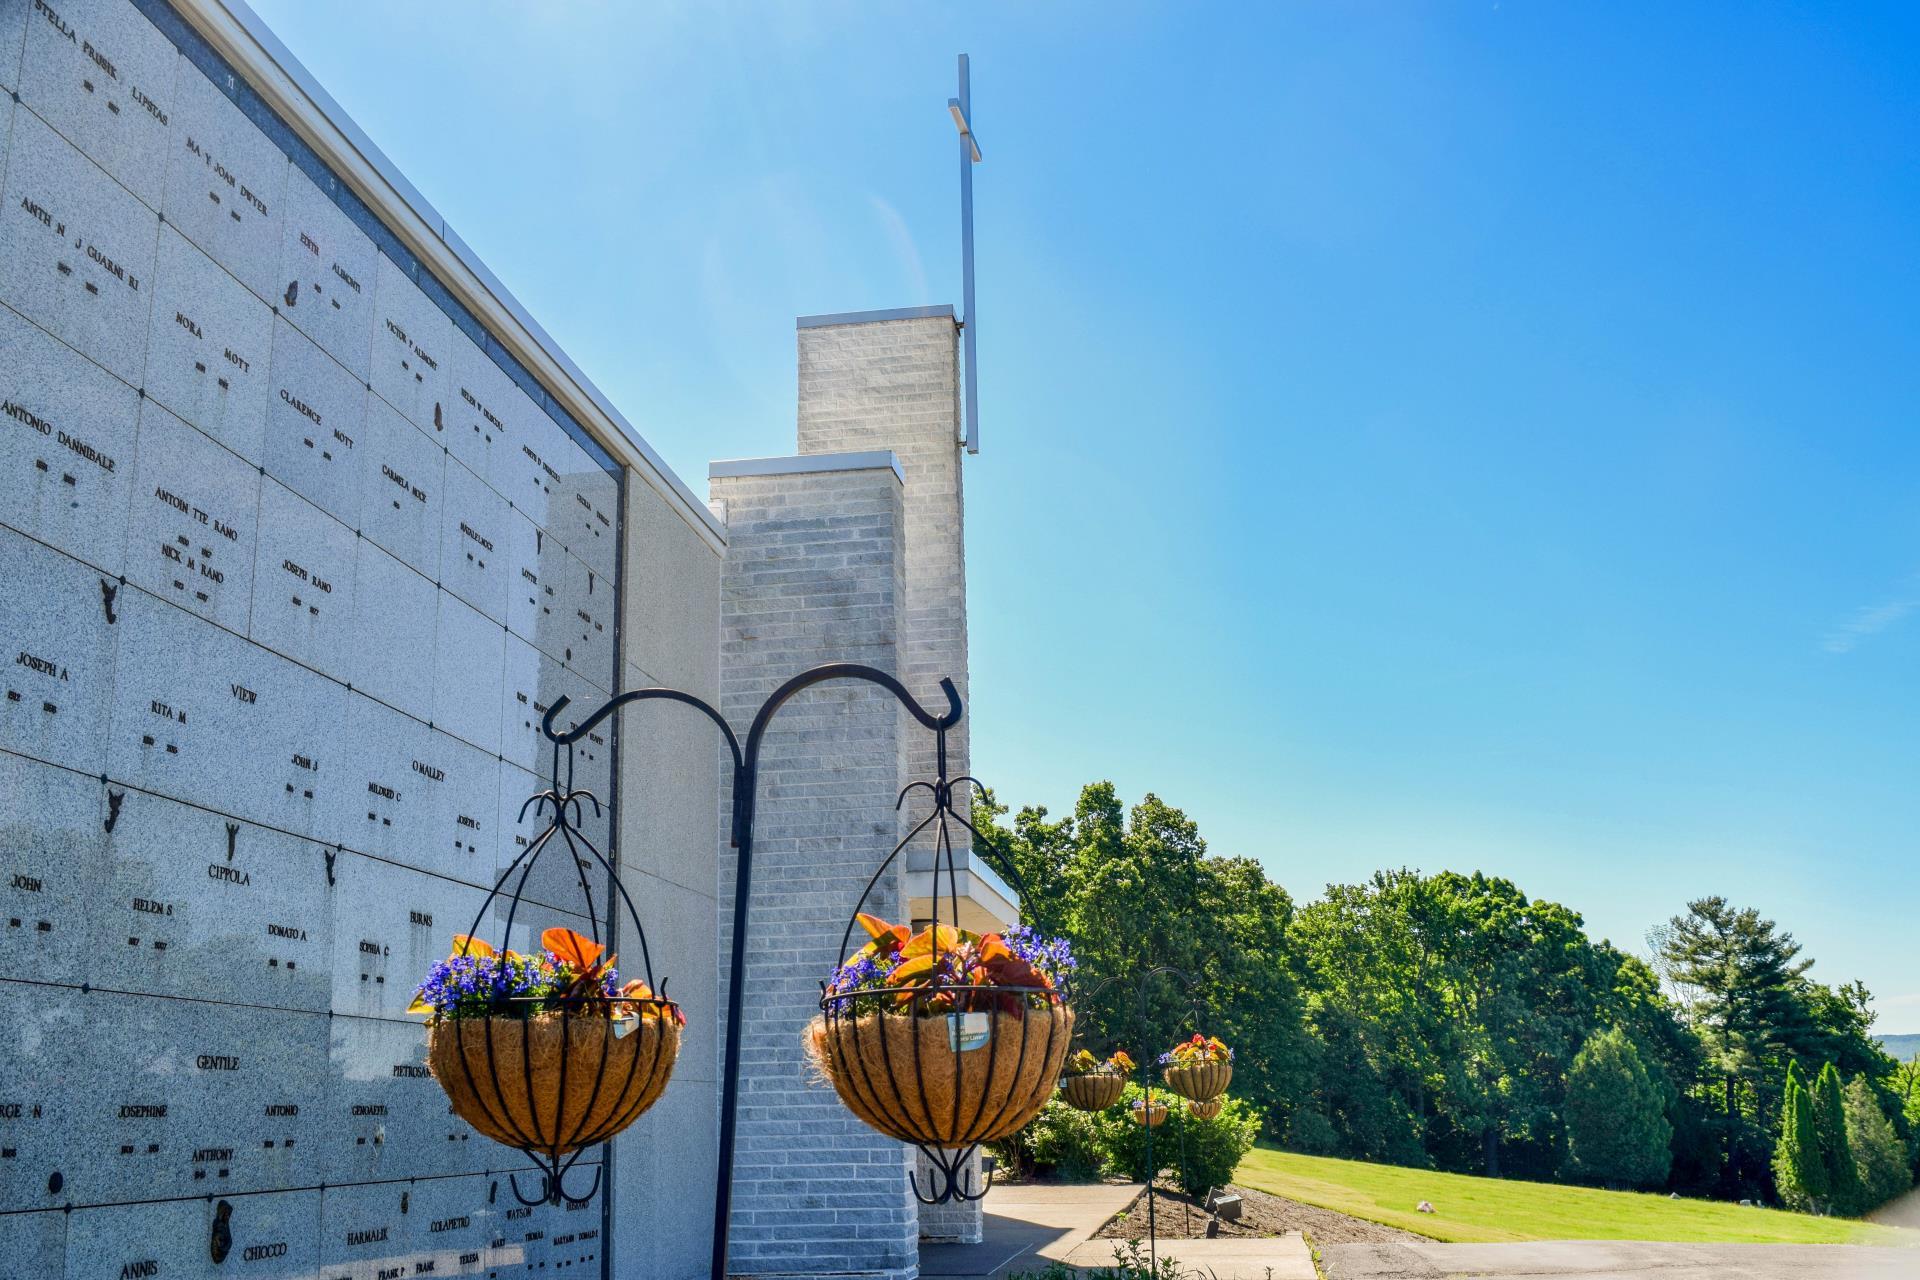 Outdoor columbarium area